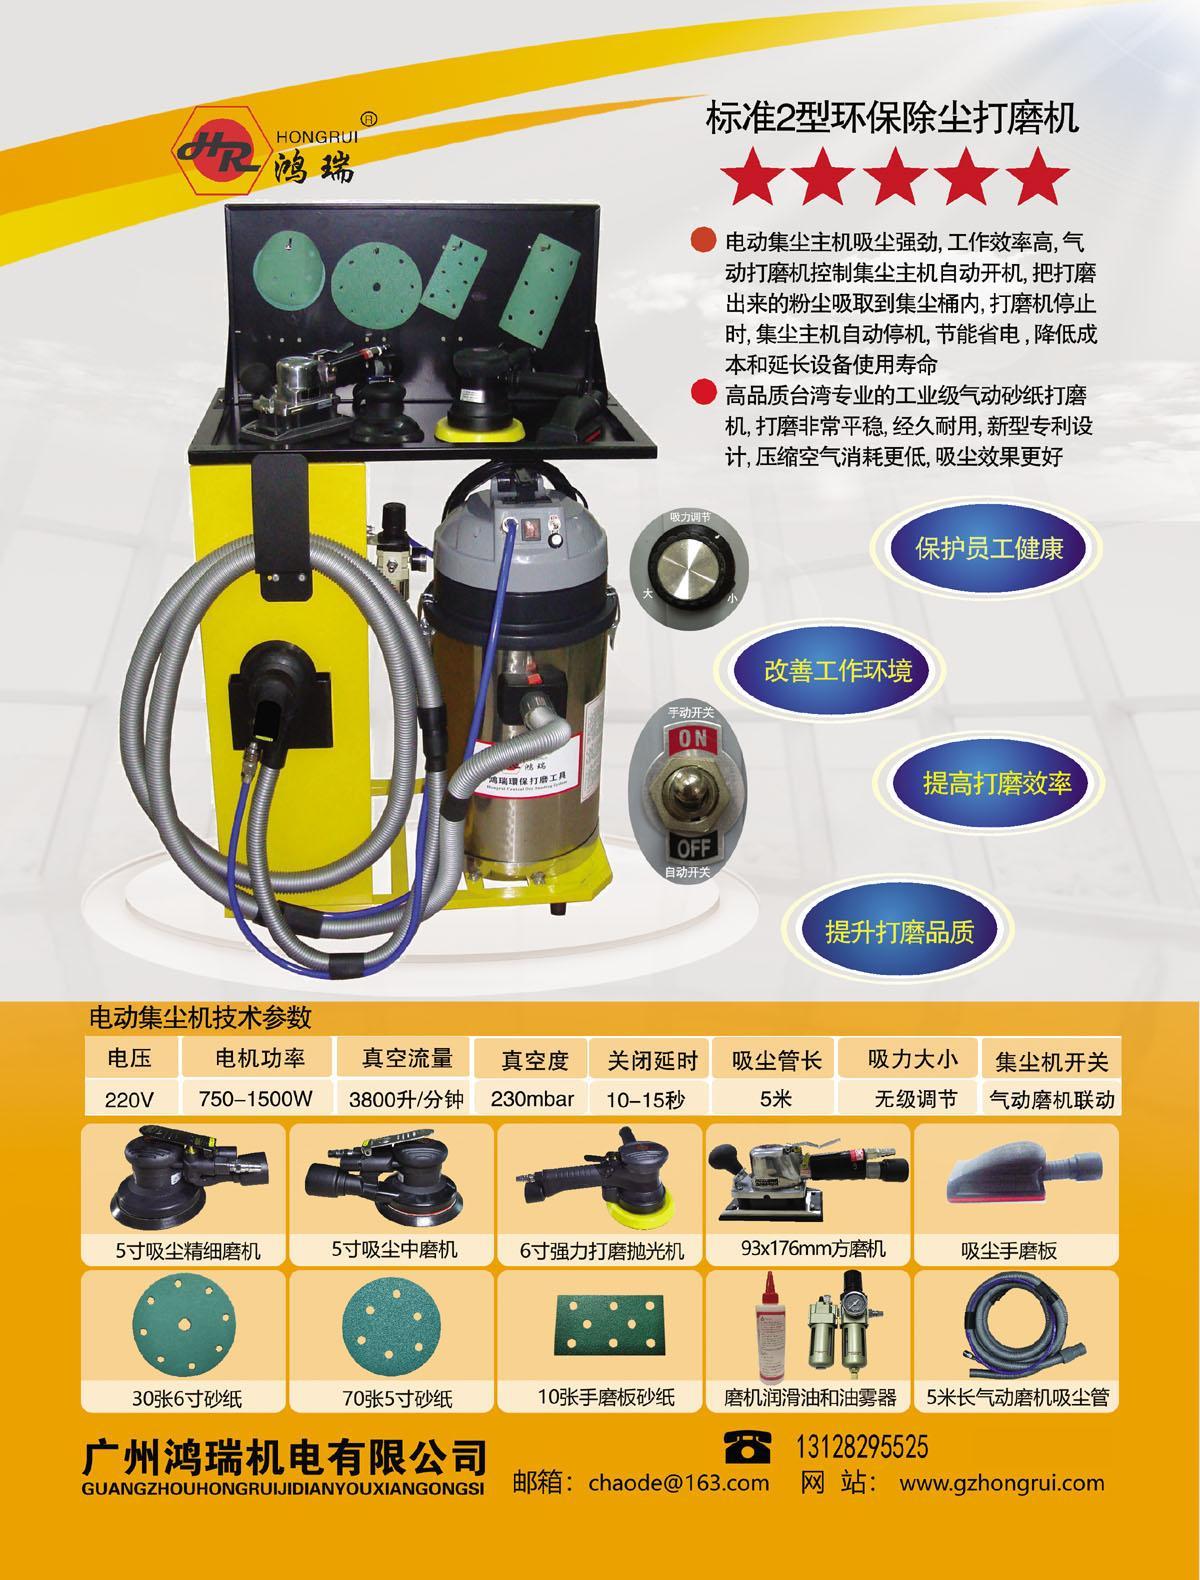 手提砂光機無塵打磨設備 2